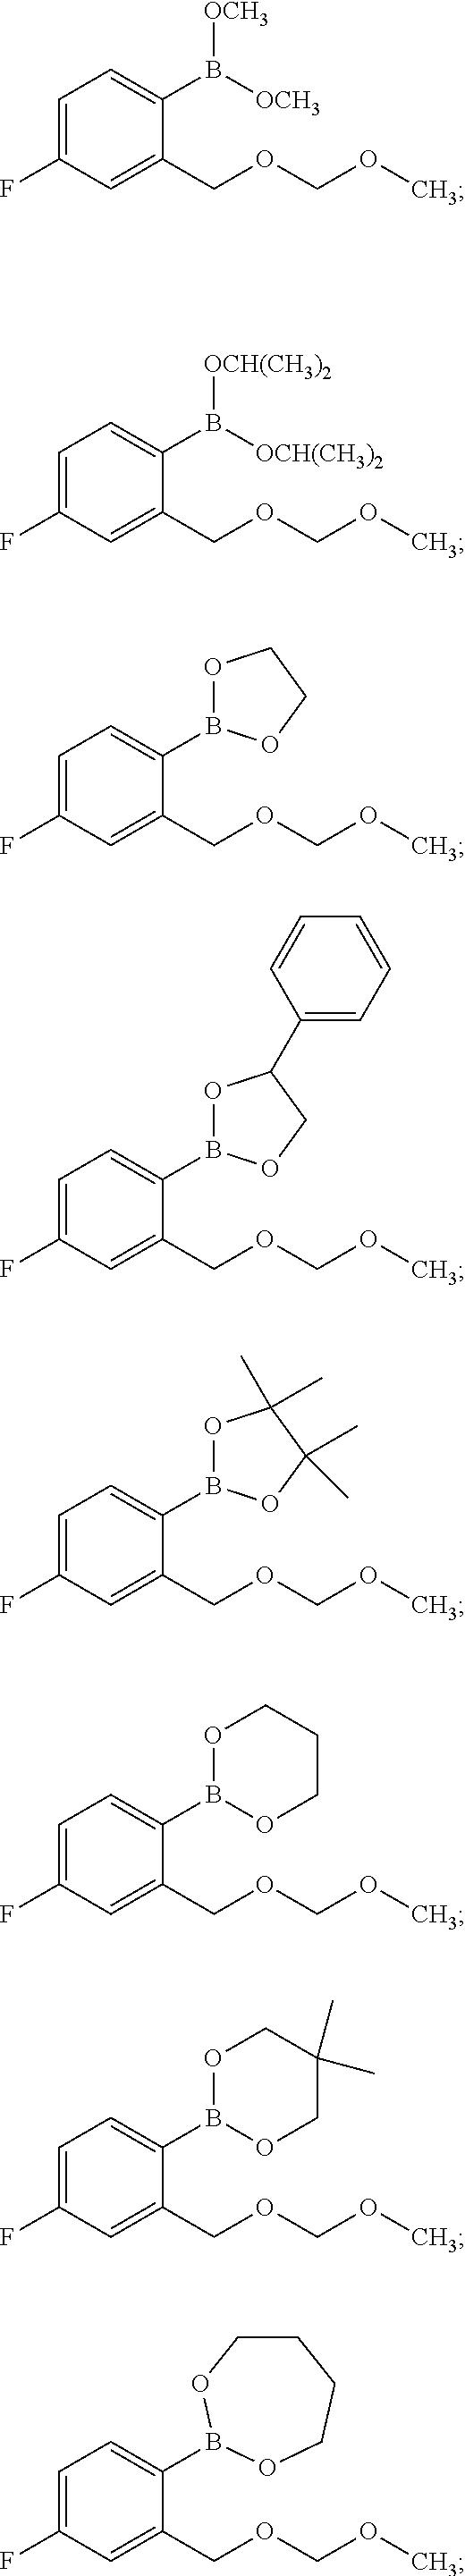 Figure US09566289-20170214-C00090